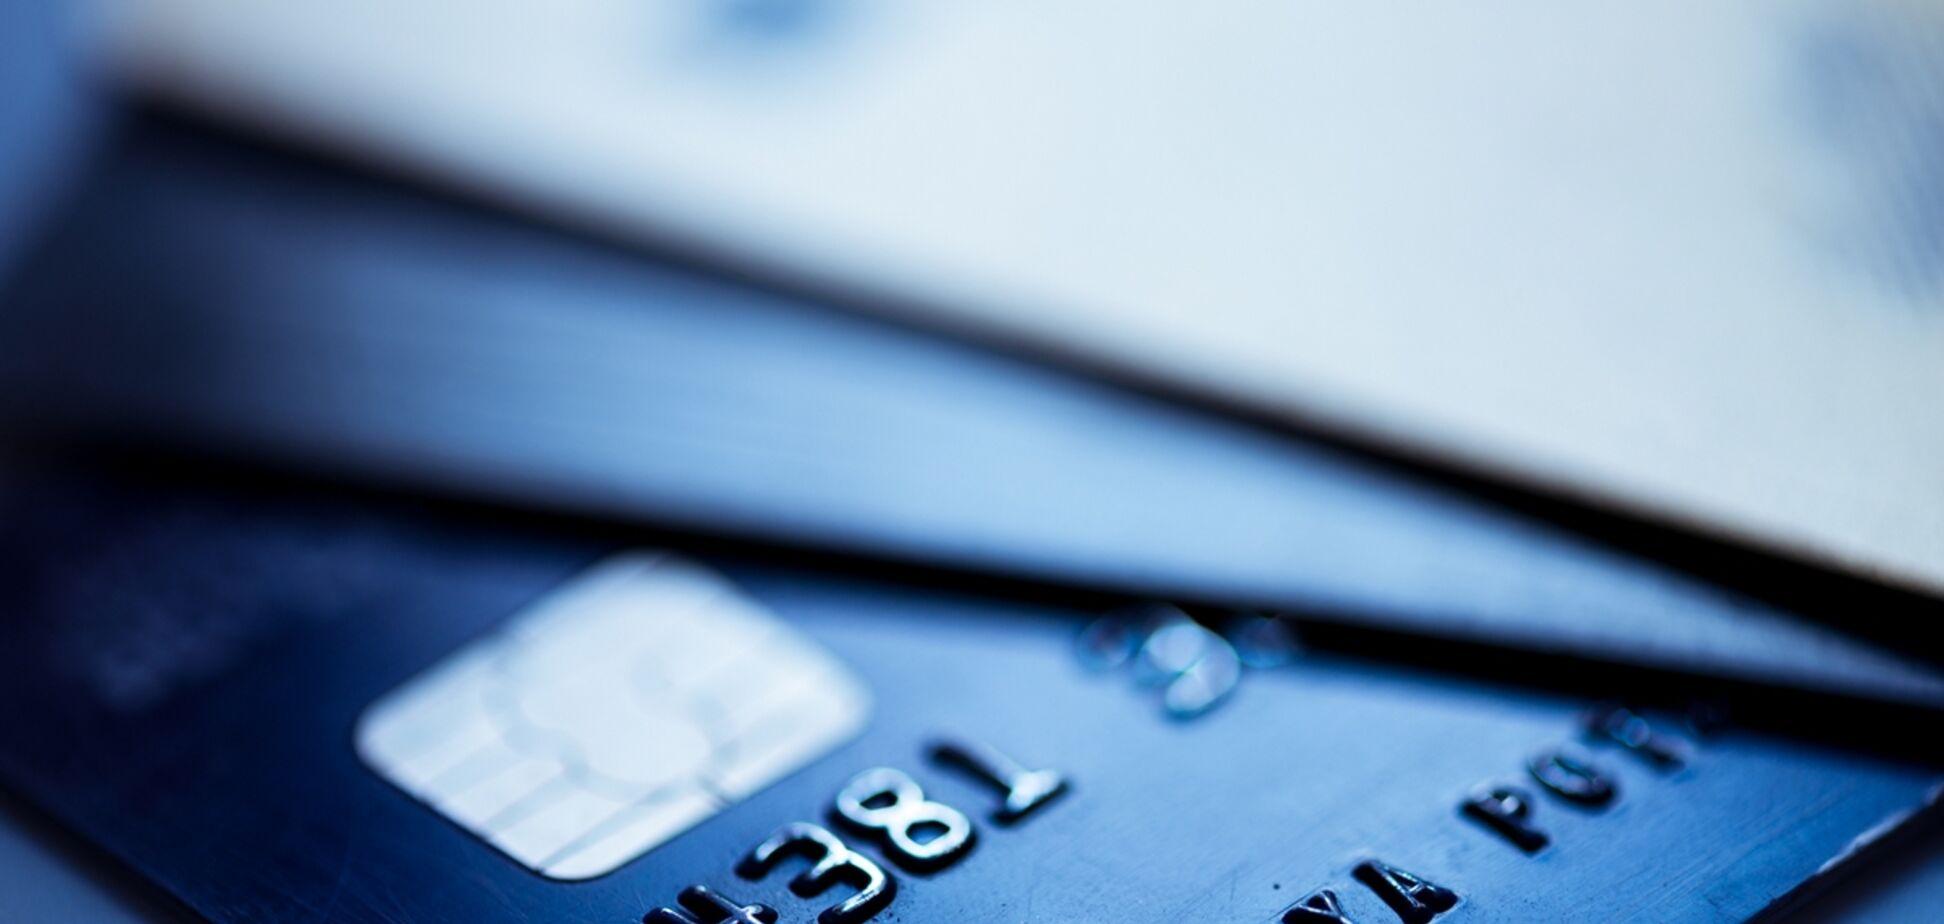 Шахрайство з карткою ПриватБанку: правозахисник озвучив свою версію